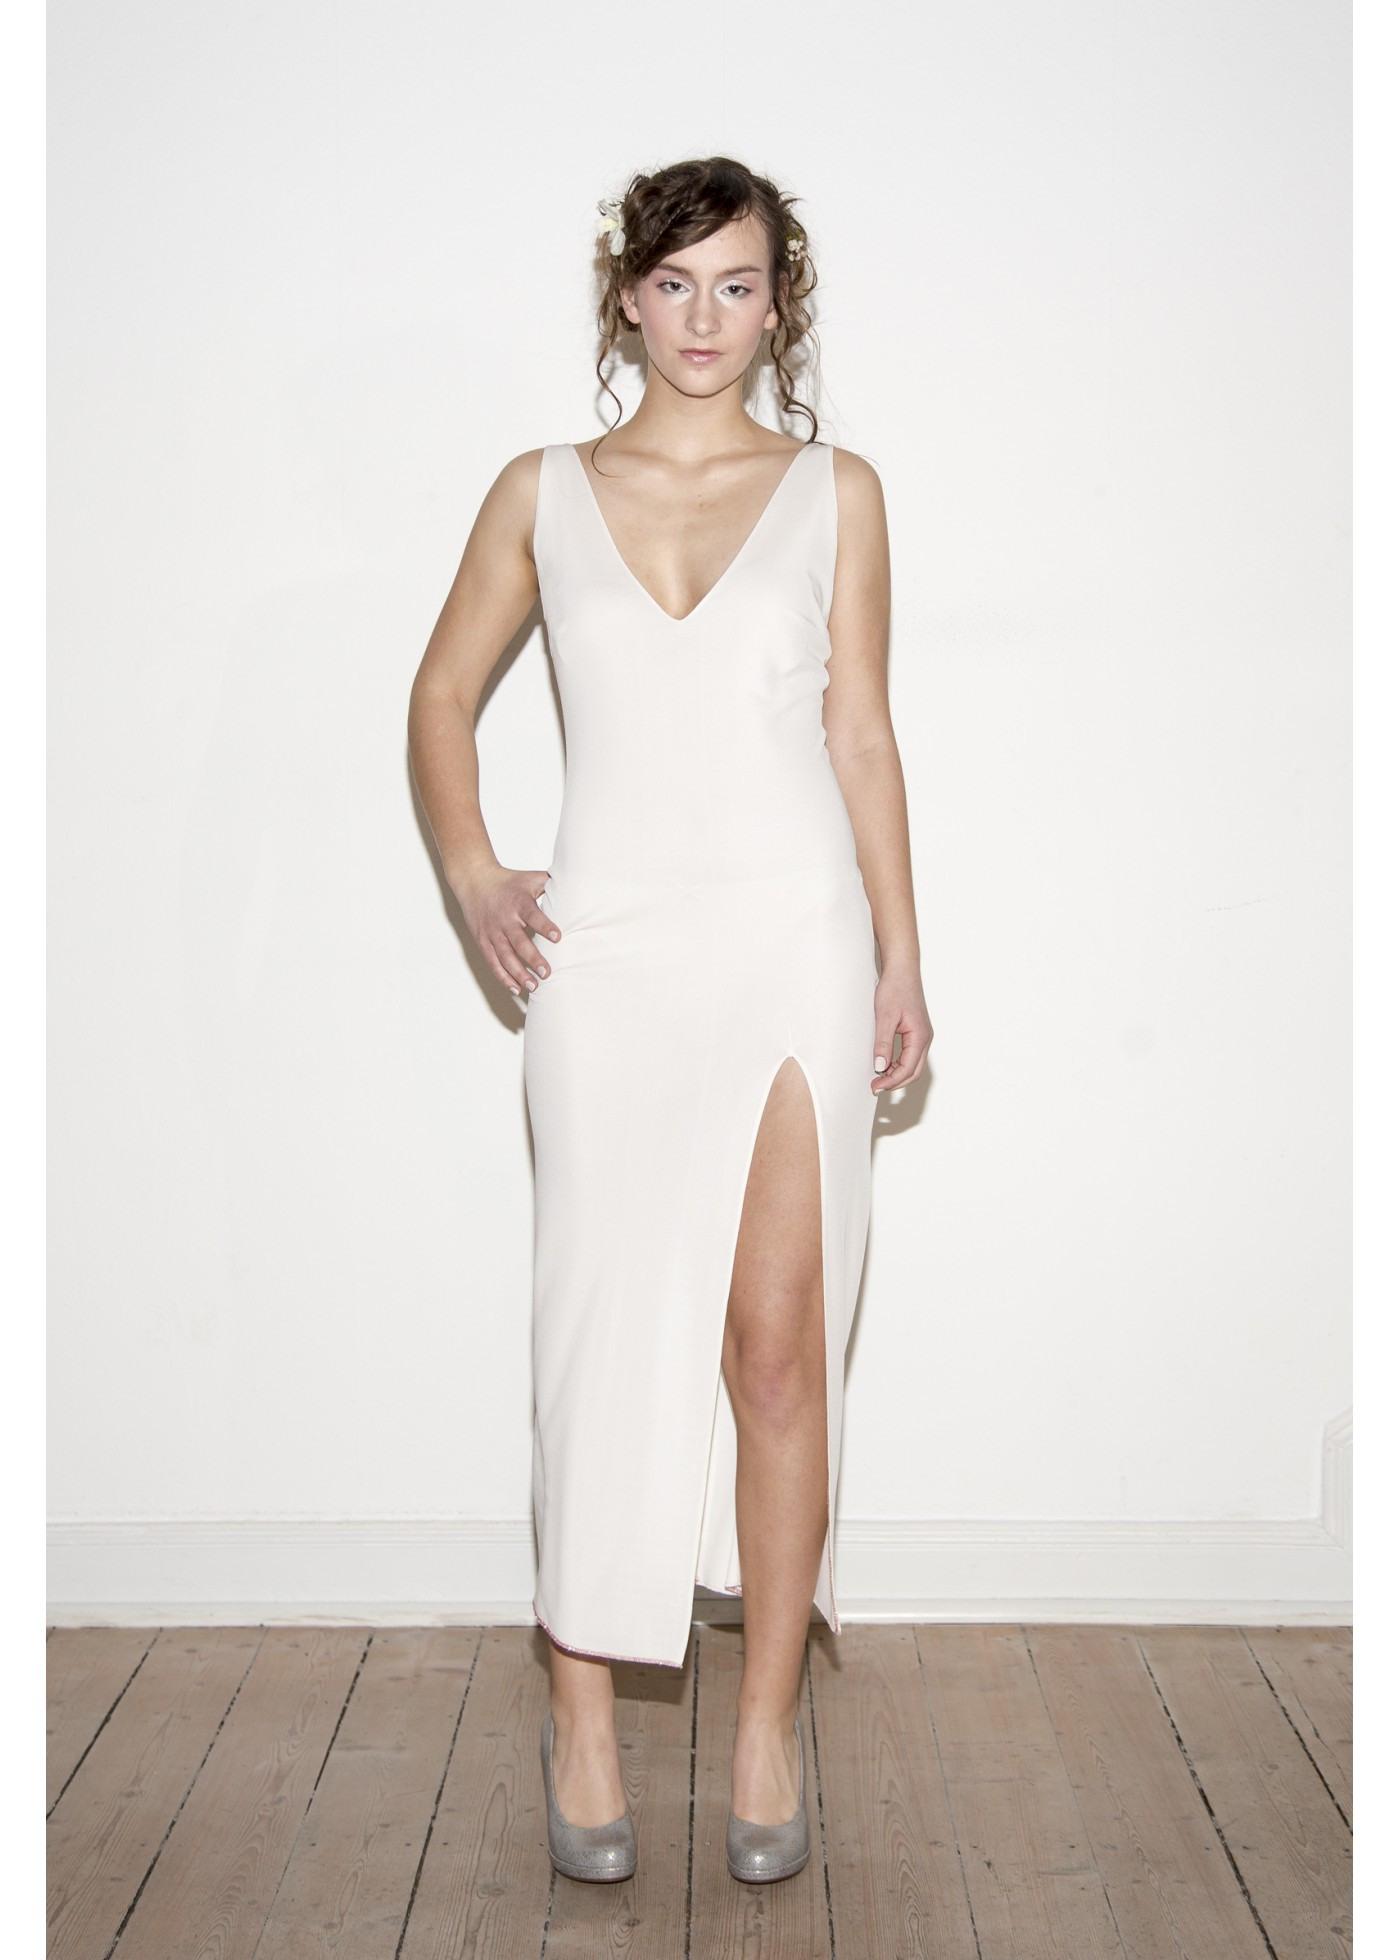 Designer Genial Abendkleid Jersey Lang GalerieAbend Elegant Abendkleid Jersey Lang Boutique